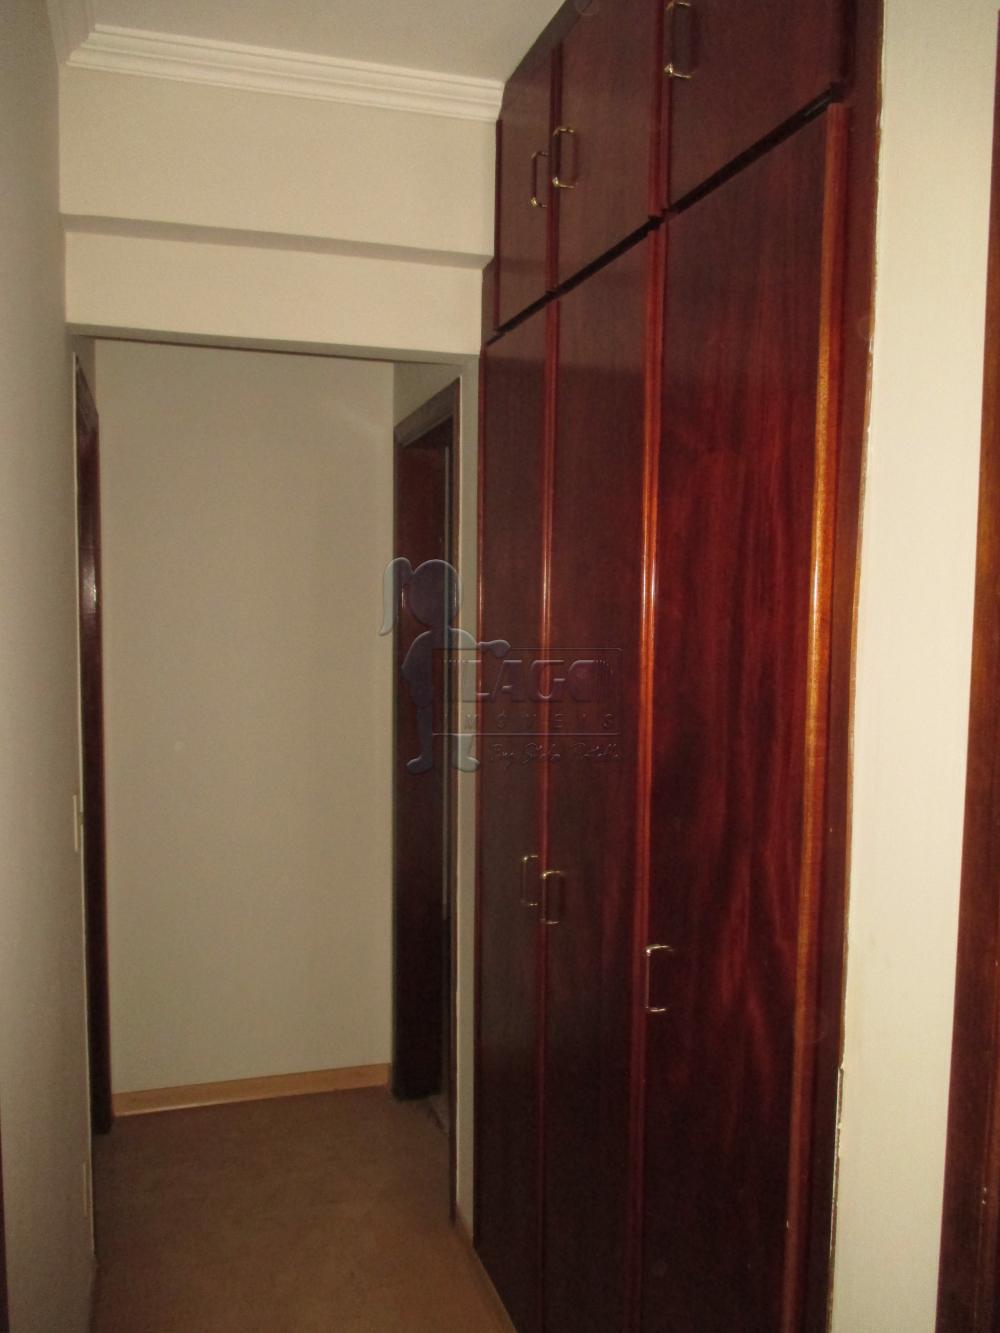 Comprar Apartamento / Padrão em Ribeirão Preto apenas R$ 371.000,00 - Foto 20